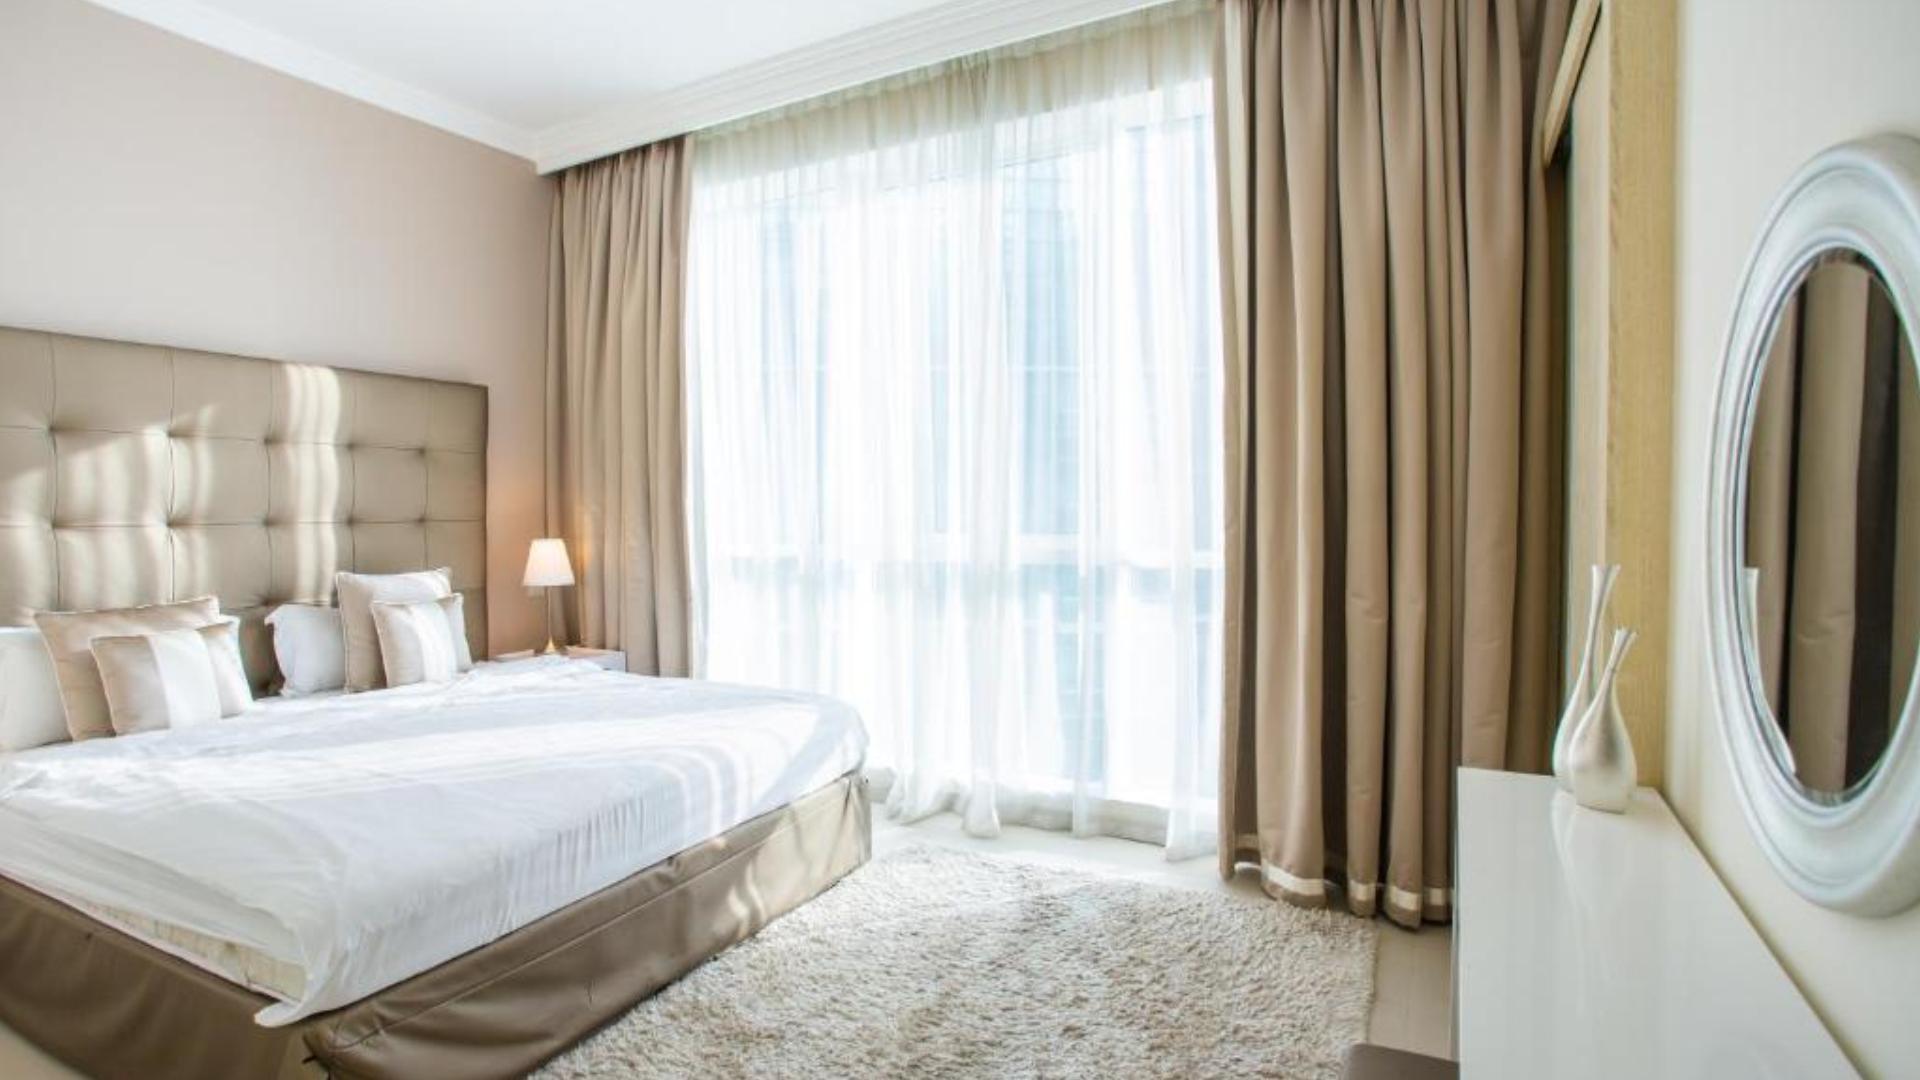 Apartment for sale in Dubai, UAE, 1 bedroom, 86 m2, No. 24242 – photo 2